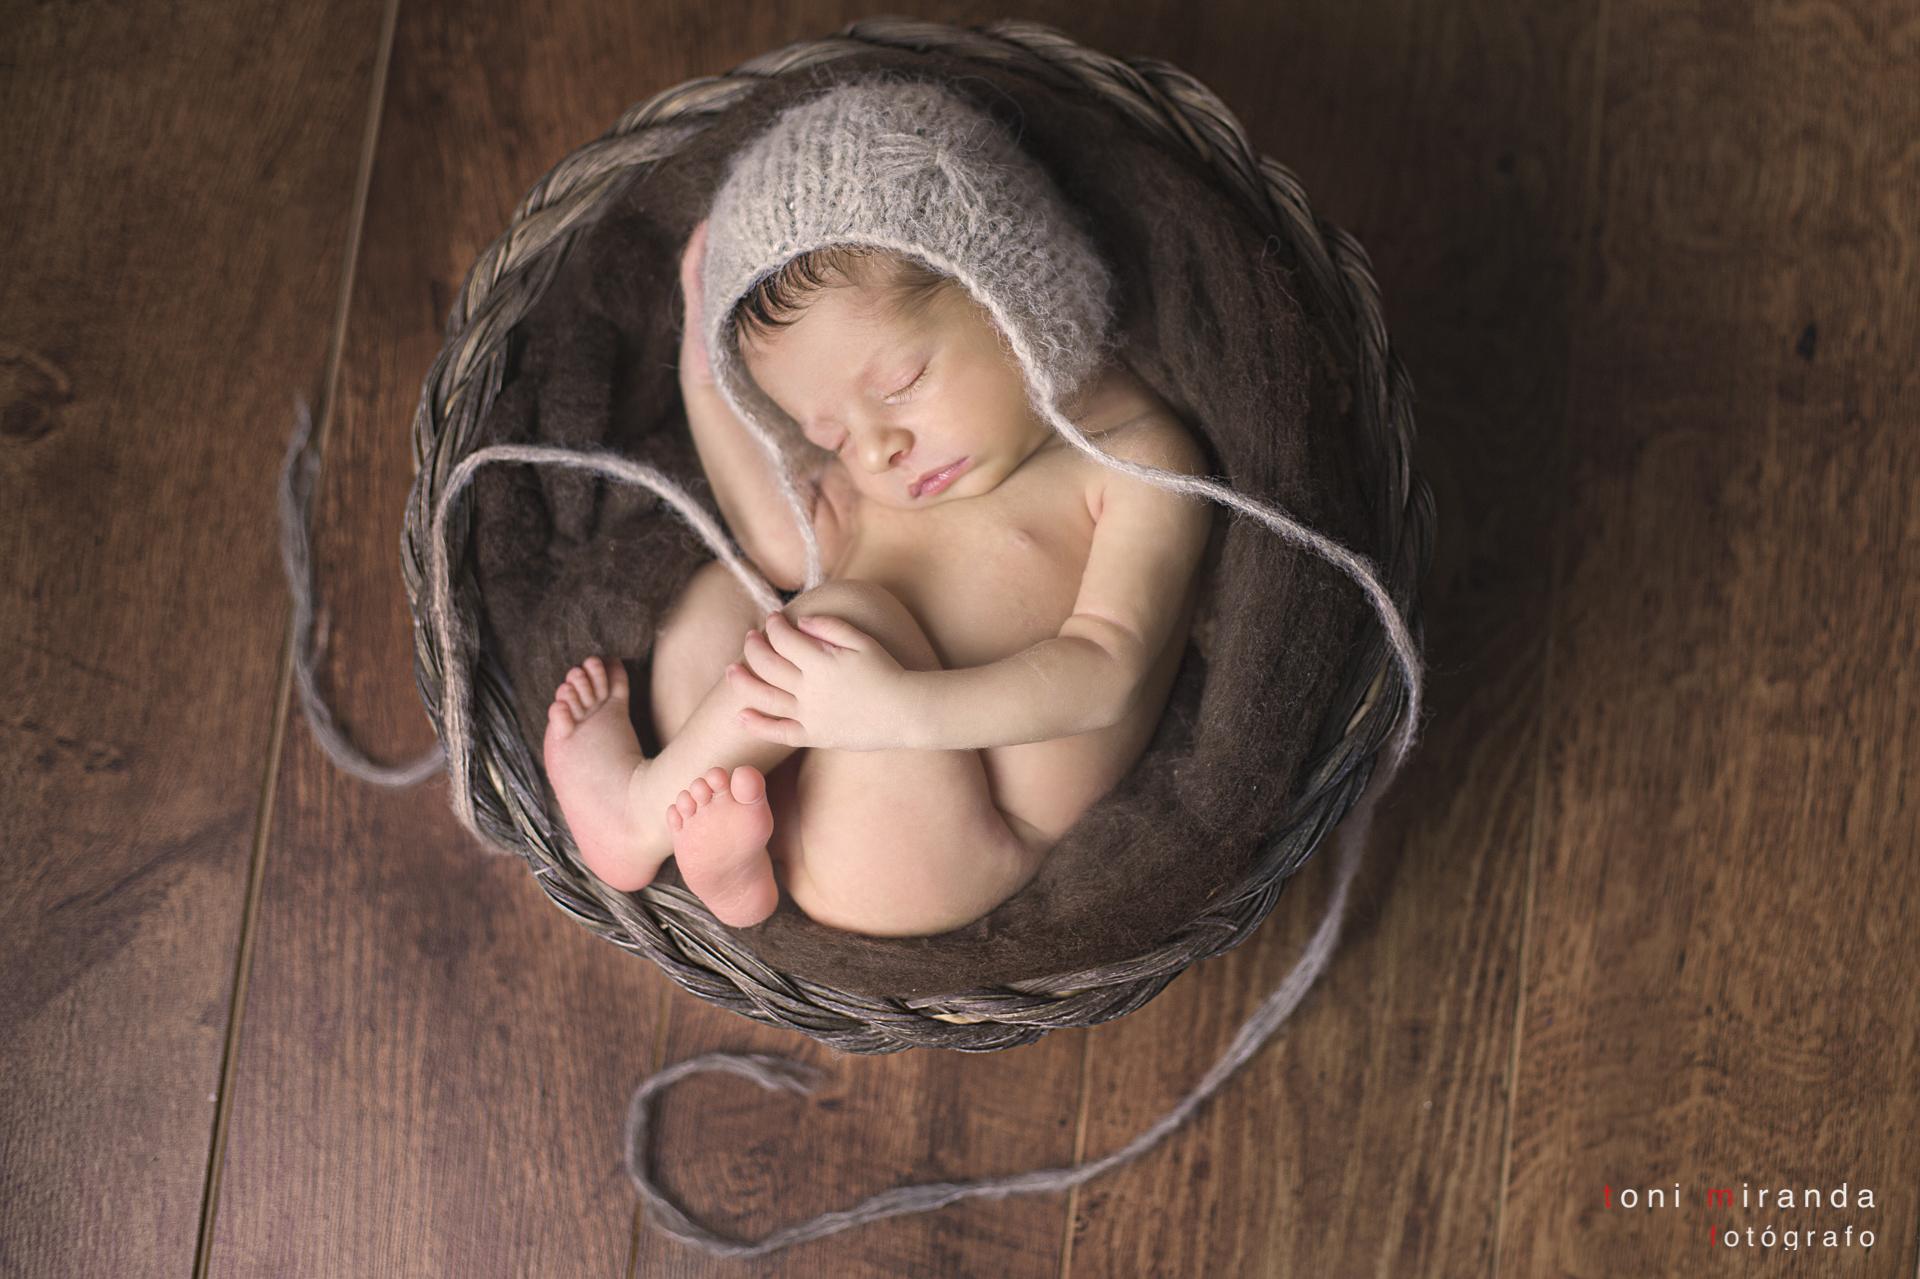 recien nacido metido en cesta en reportaje de newborn